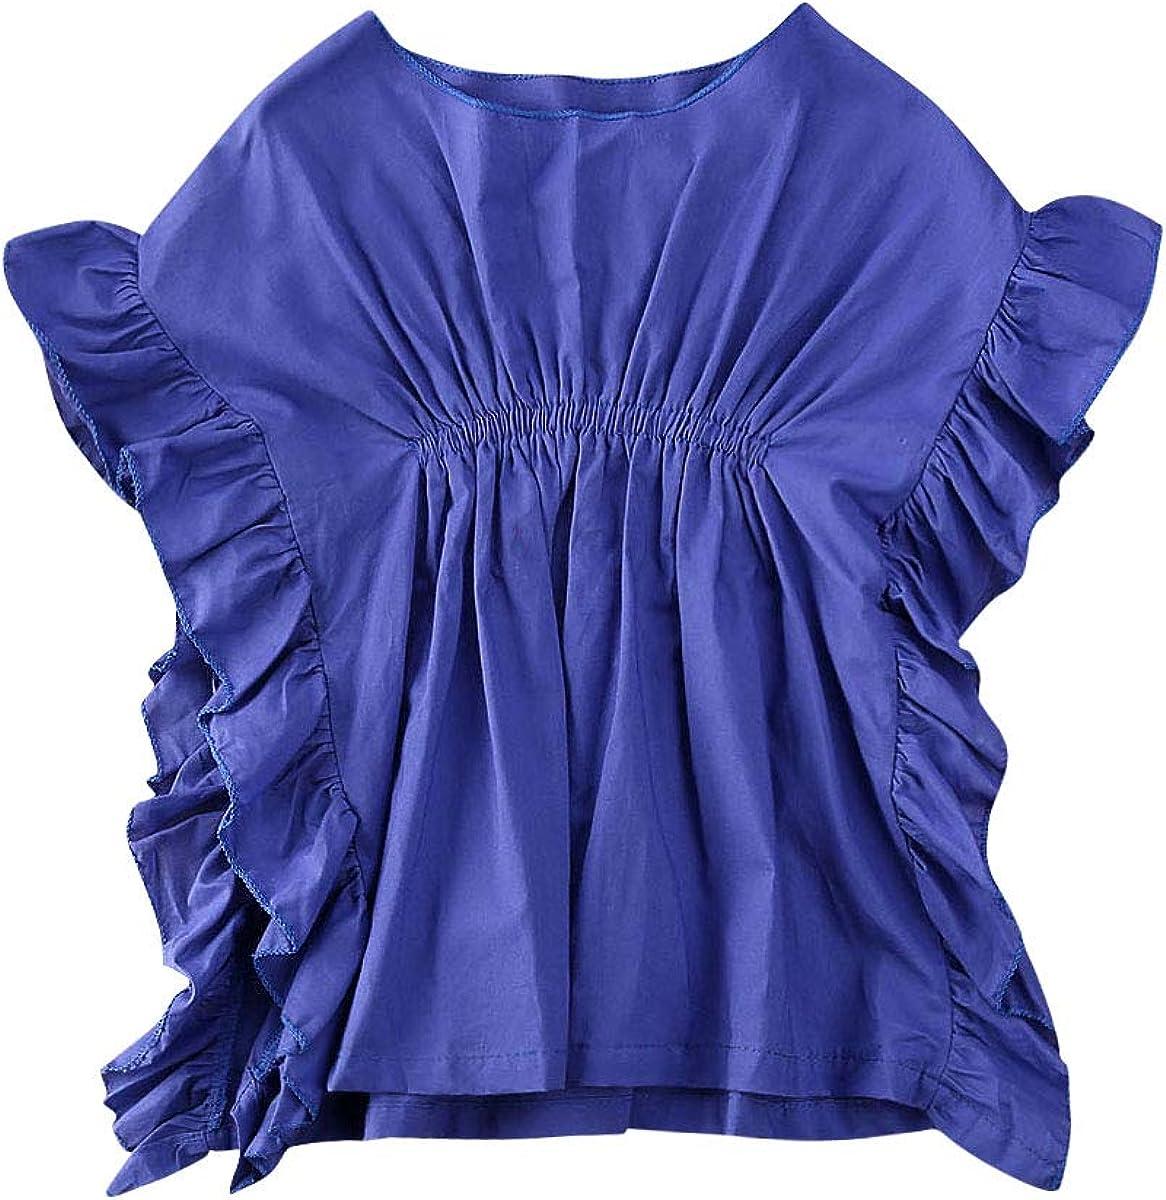 Wide.ling - Vestido con Volantes para bebé y niña, diseño de Mariposas, para Playa o Verano